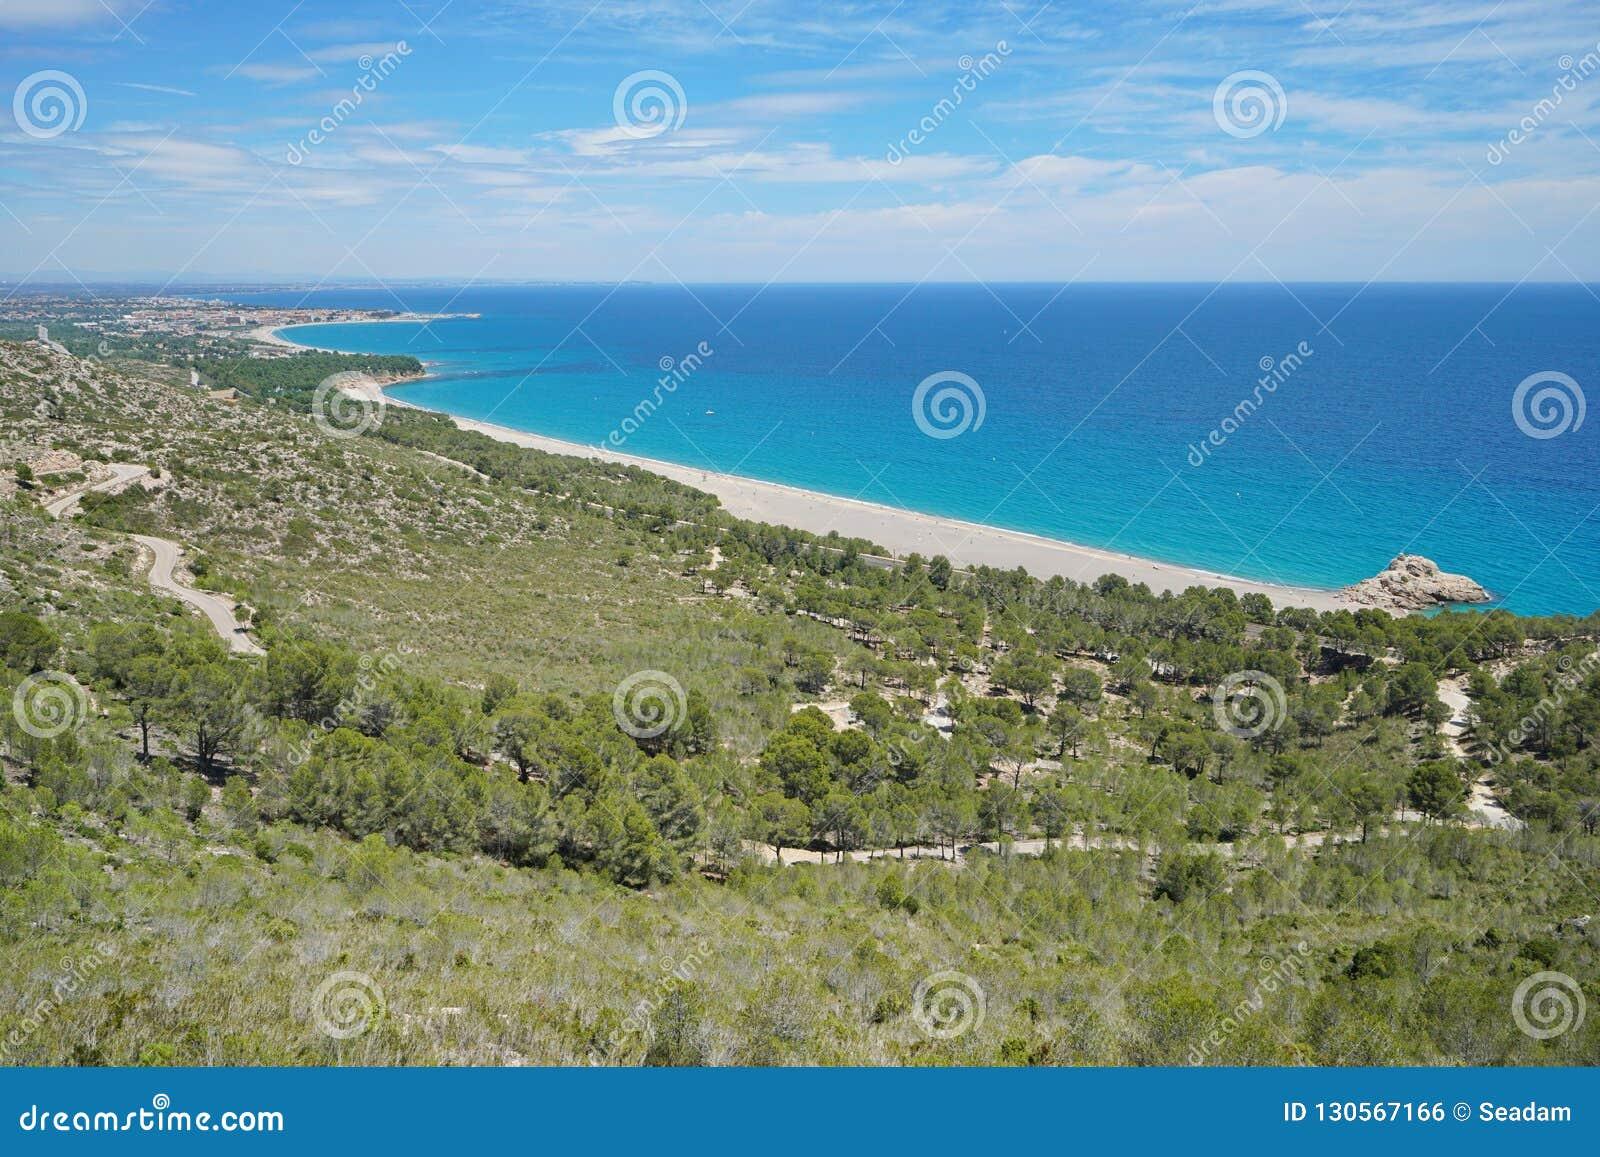 Spanien-Standpunkt, der die Küste Costa Dorada übersieht